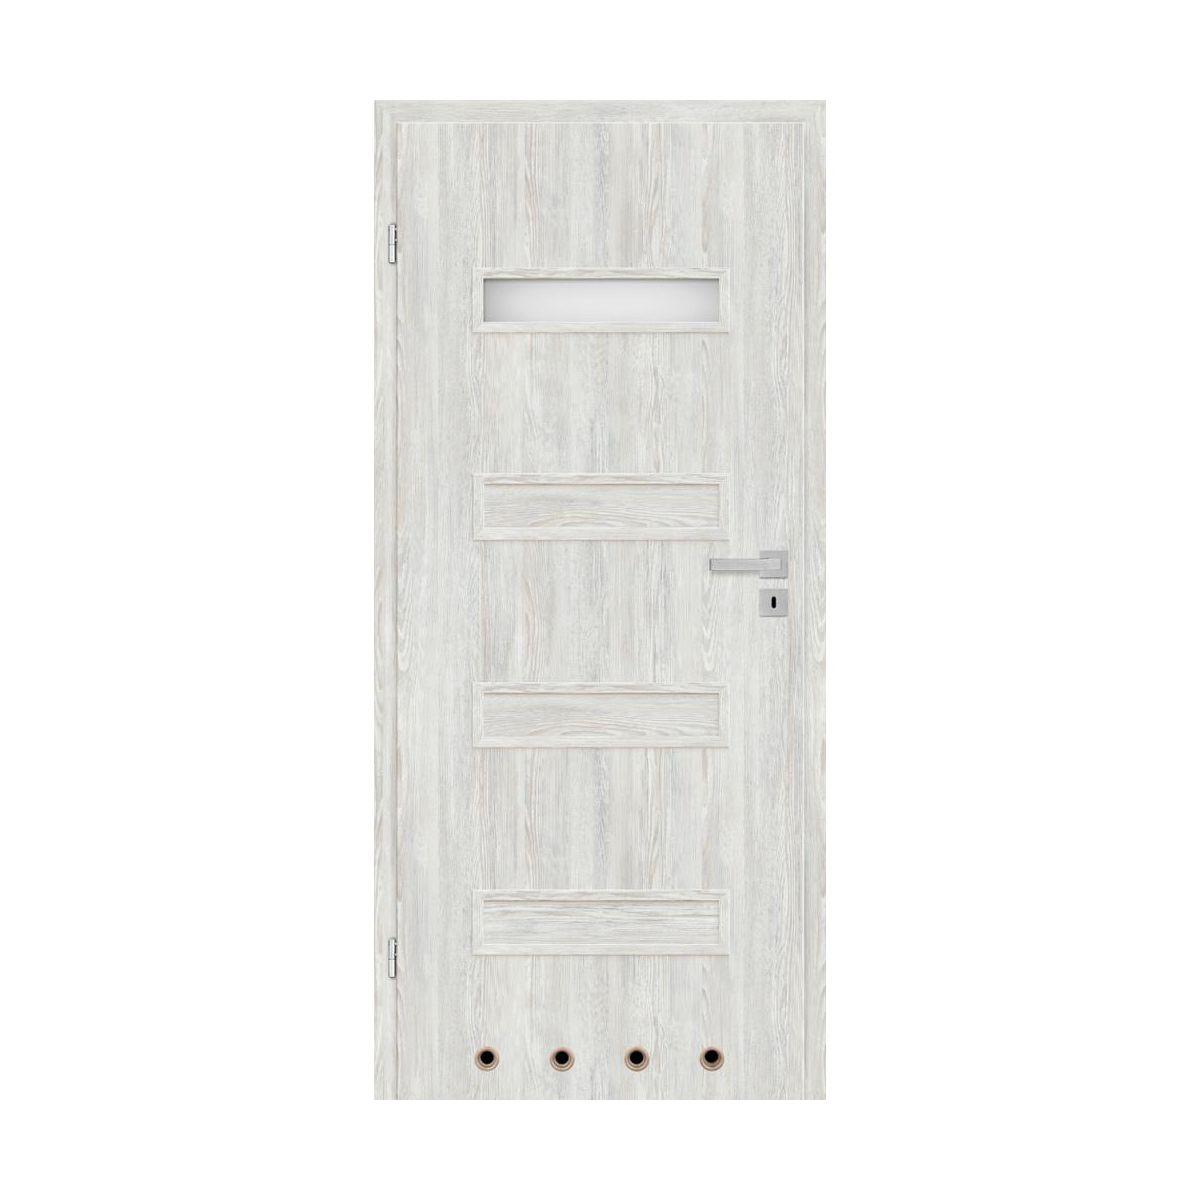 Skrzydlo Drzwiowe Cleo Astana Pine 80 Lewe Nawadoor Drzwi Wewnetrzne W Atrakcyjnej Cenie W Sklepach Leroy Merlin Tall Cabinet Storage Decor Home Decor